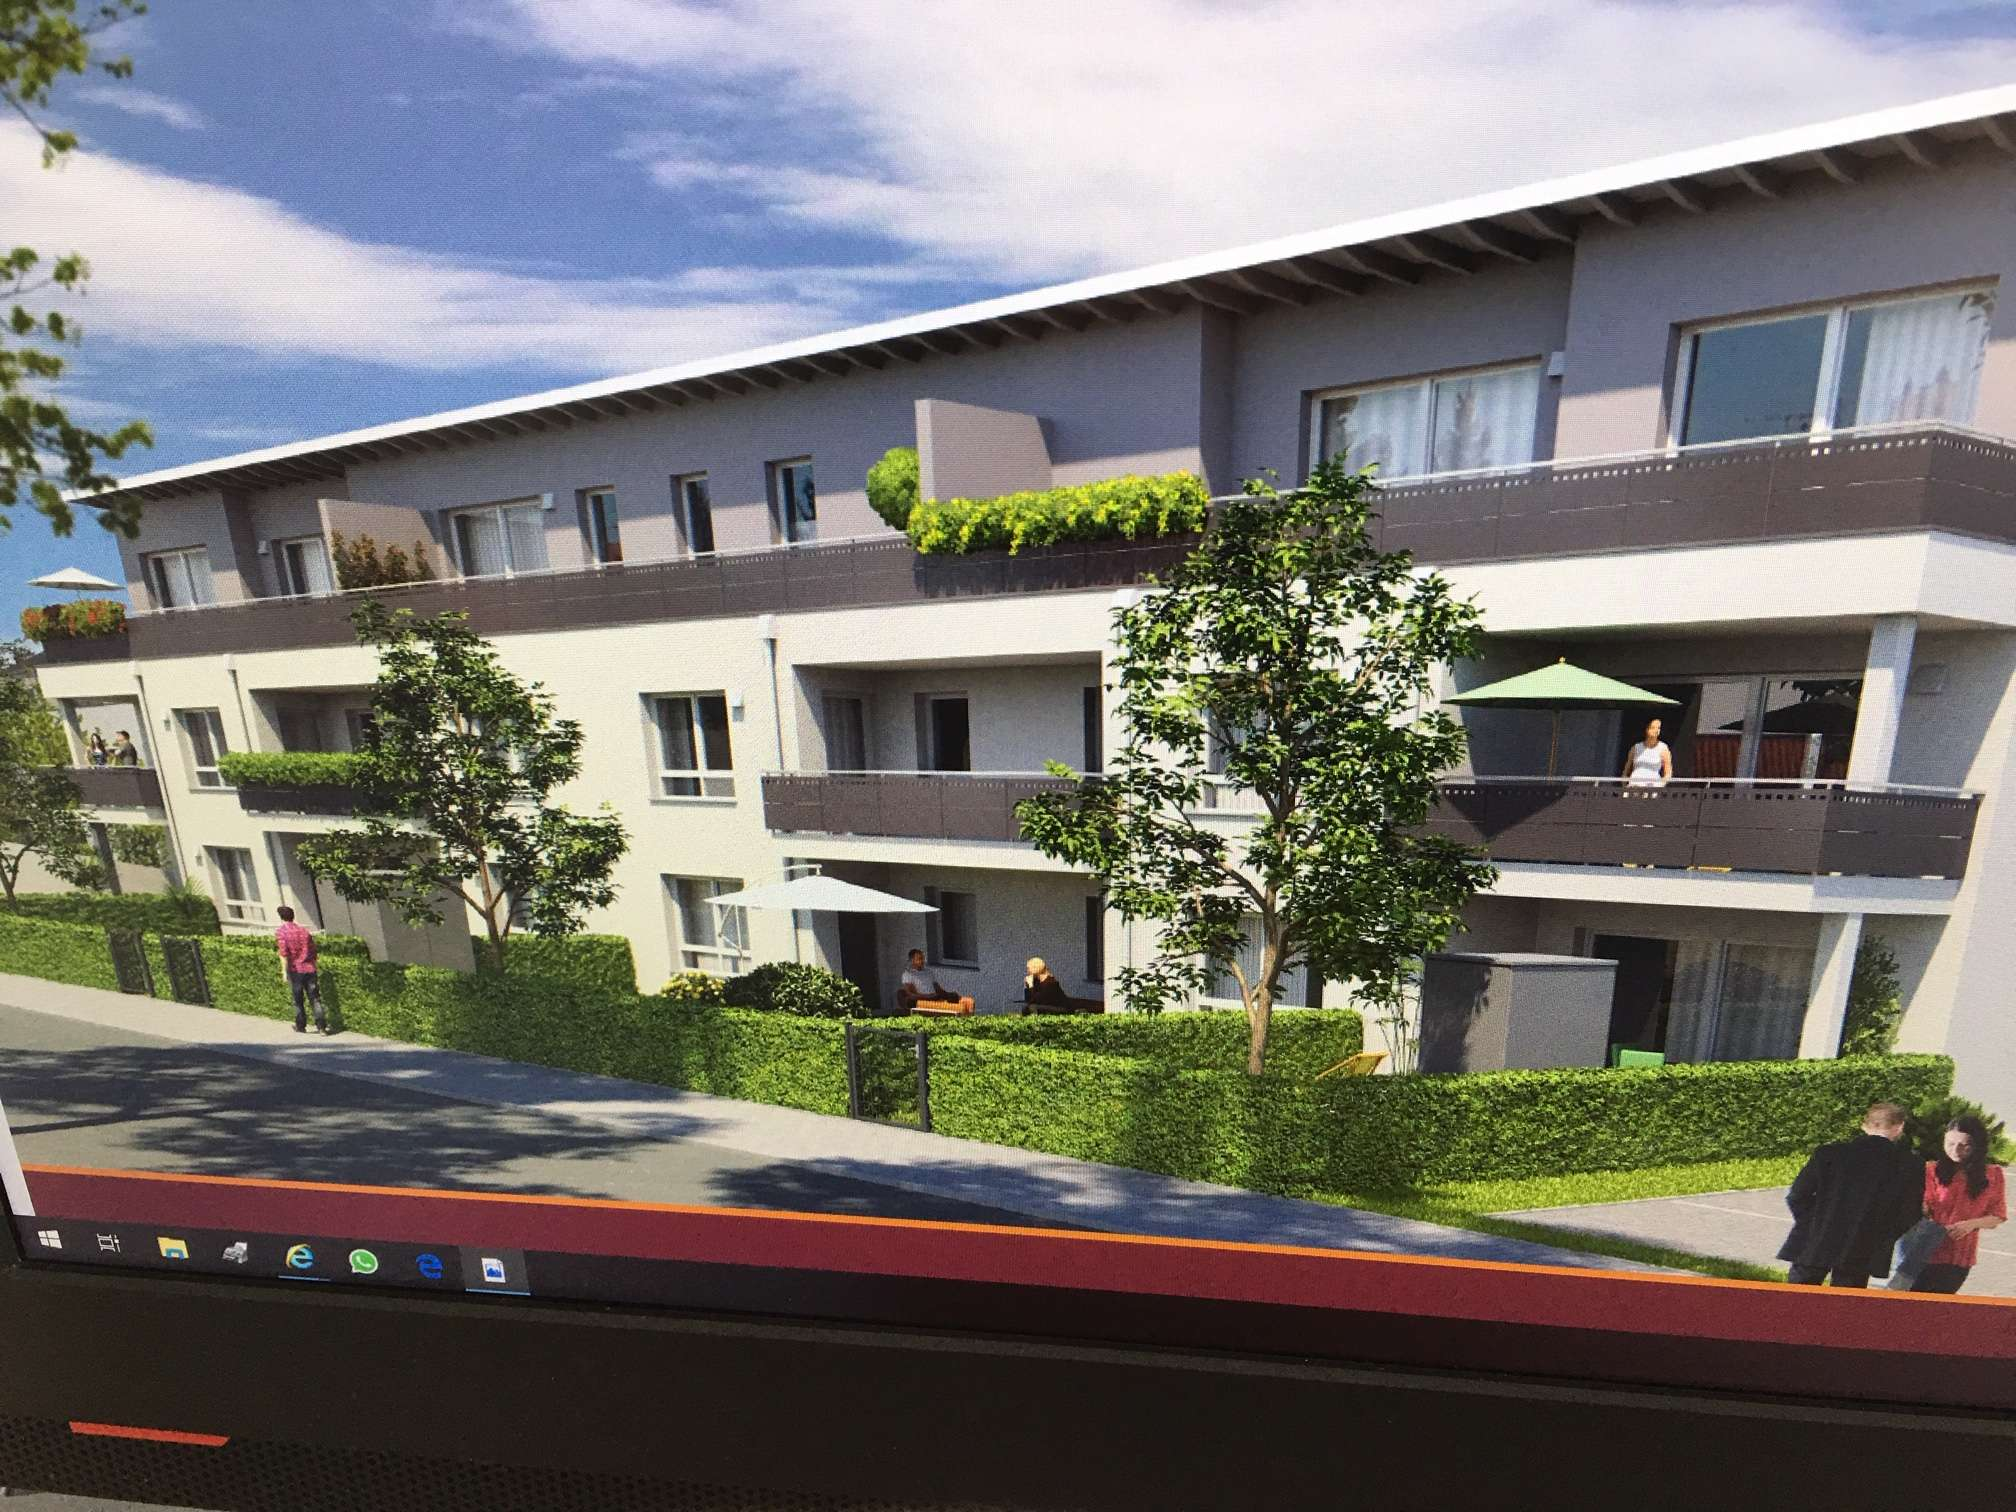 Neue 3-Zimmer-Erdgeschoss-Wohnung mit Garten, Terrasse und Tiefgarage in bevorzugter Wohnlage